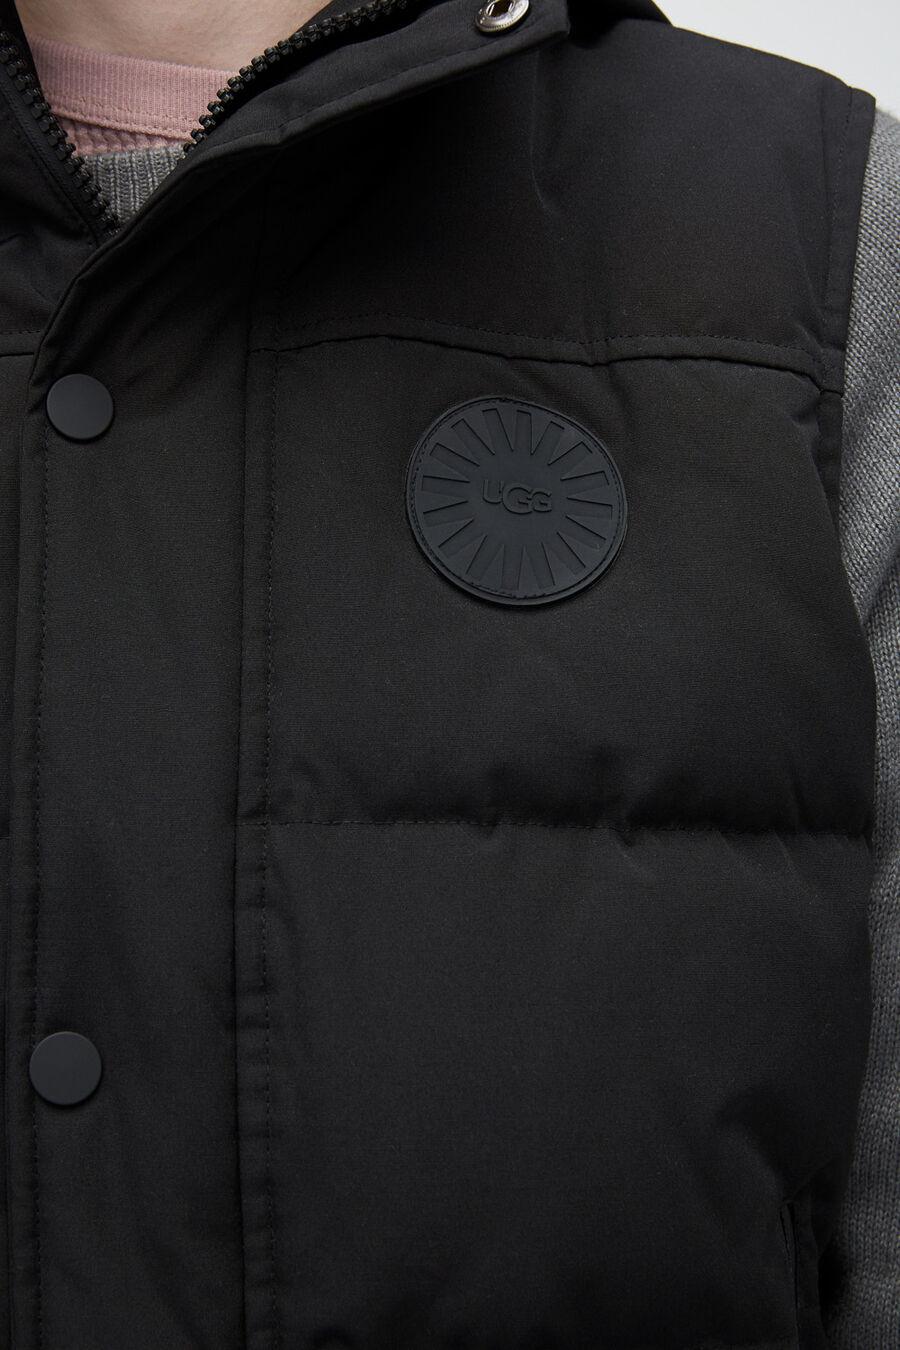 Down Filled Vest - Image 4 of 5